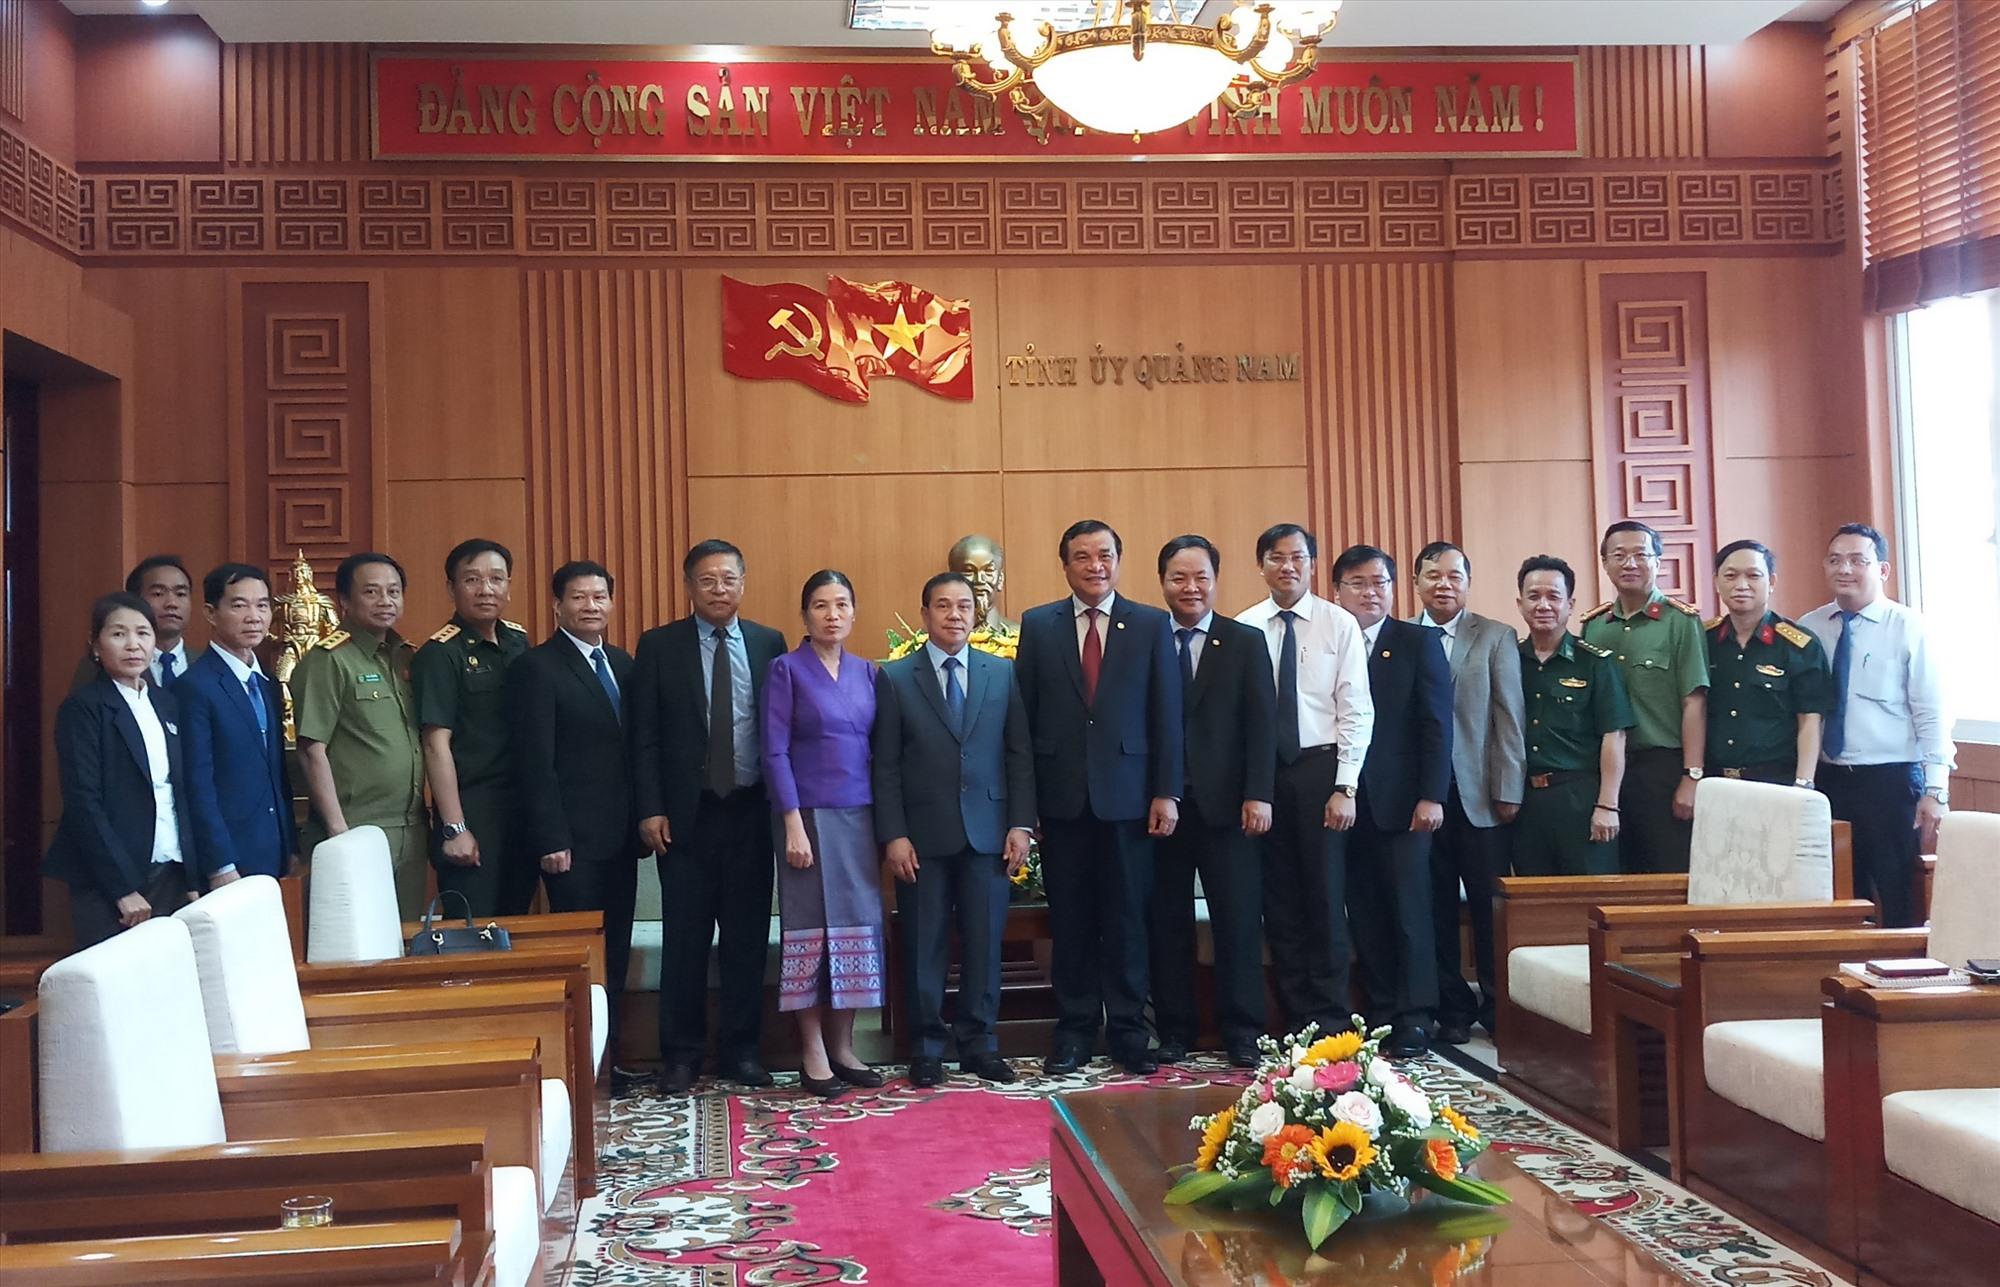 Lãnh đạo tỉnh chụp ảnh lưu niệm với đoàn công tác của Đại sứ quán Lào tại Việt Nam. Ảnh: A.N